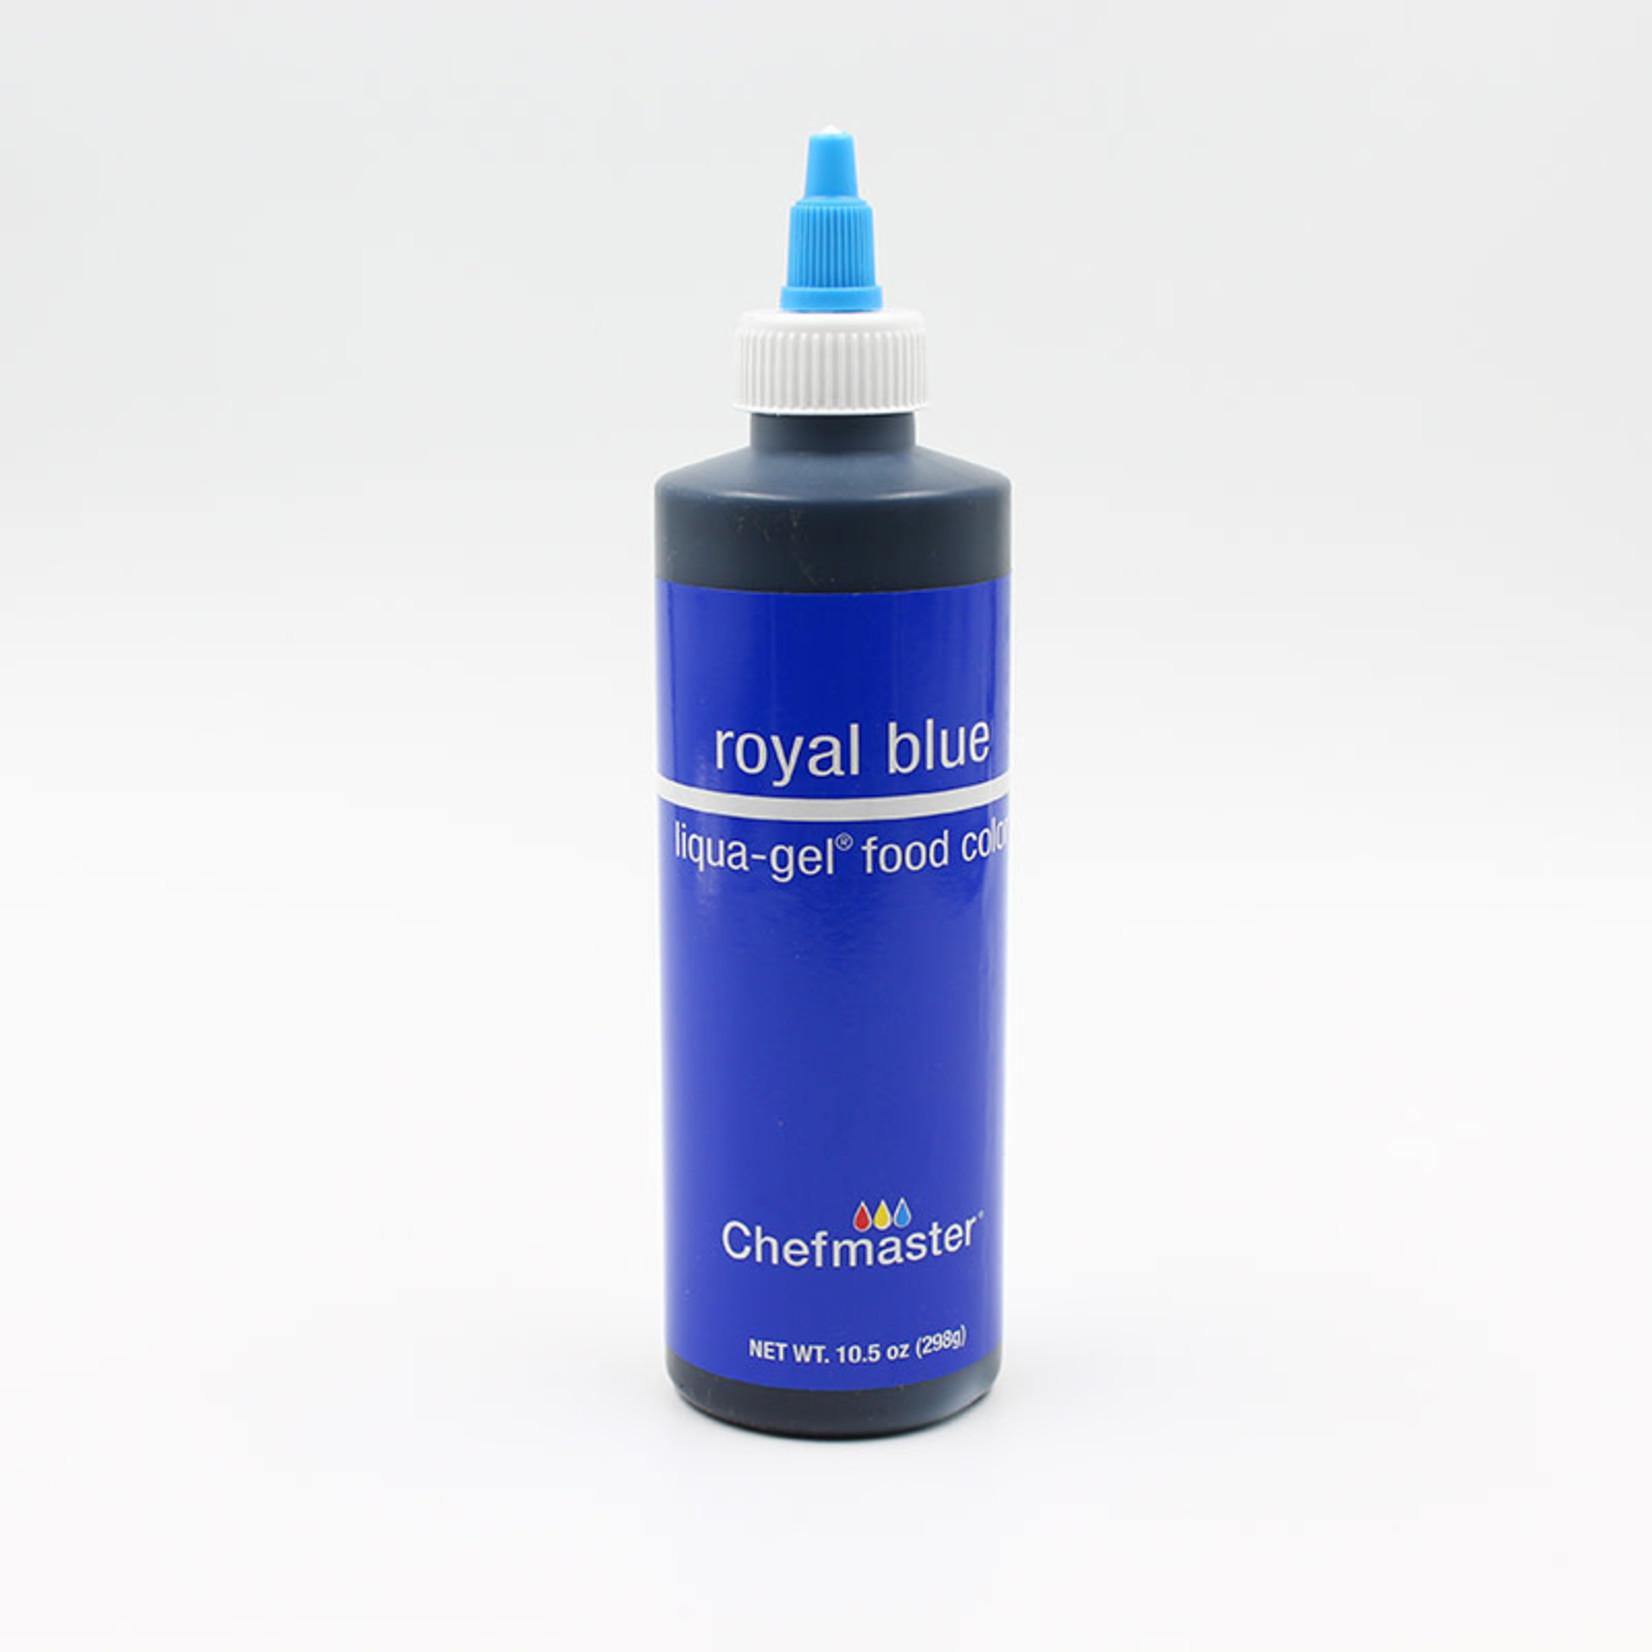 Chefmaster Chefmaster - Royal Blue Gel food color - 10.5oz, 41-5103